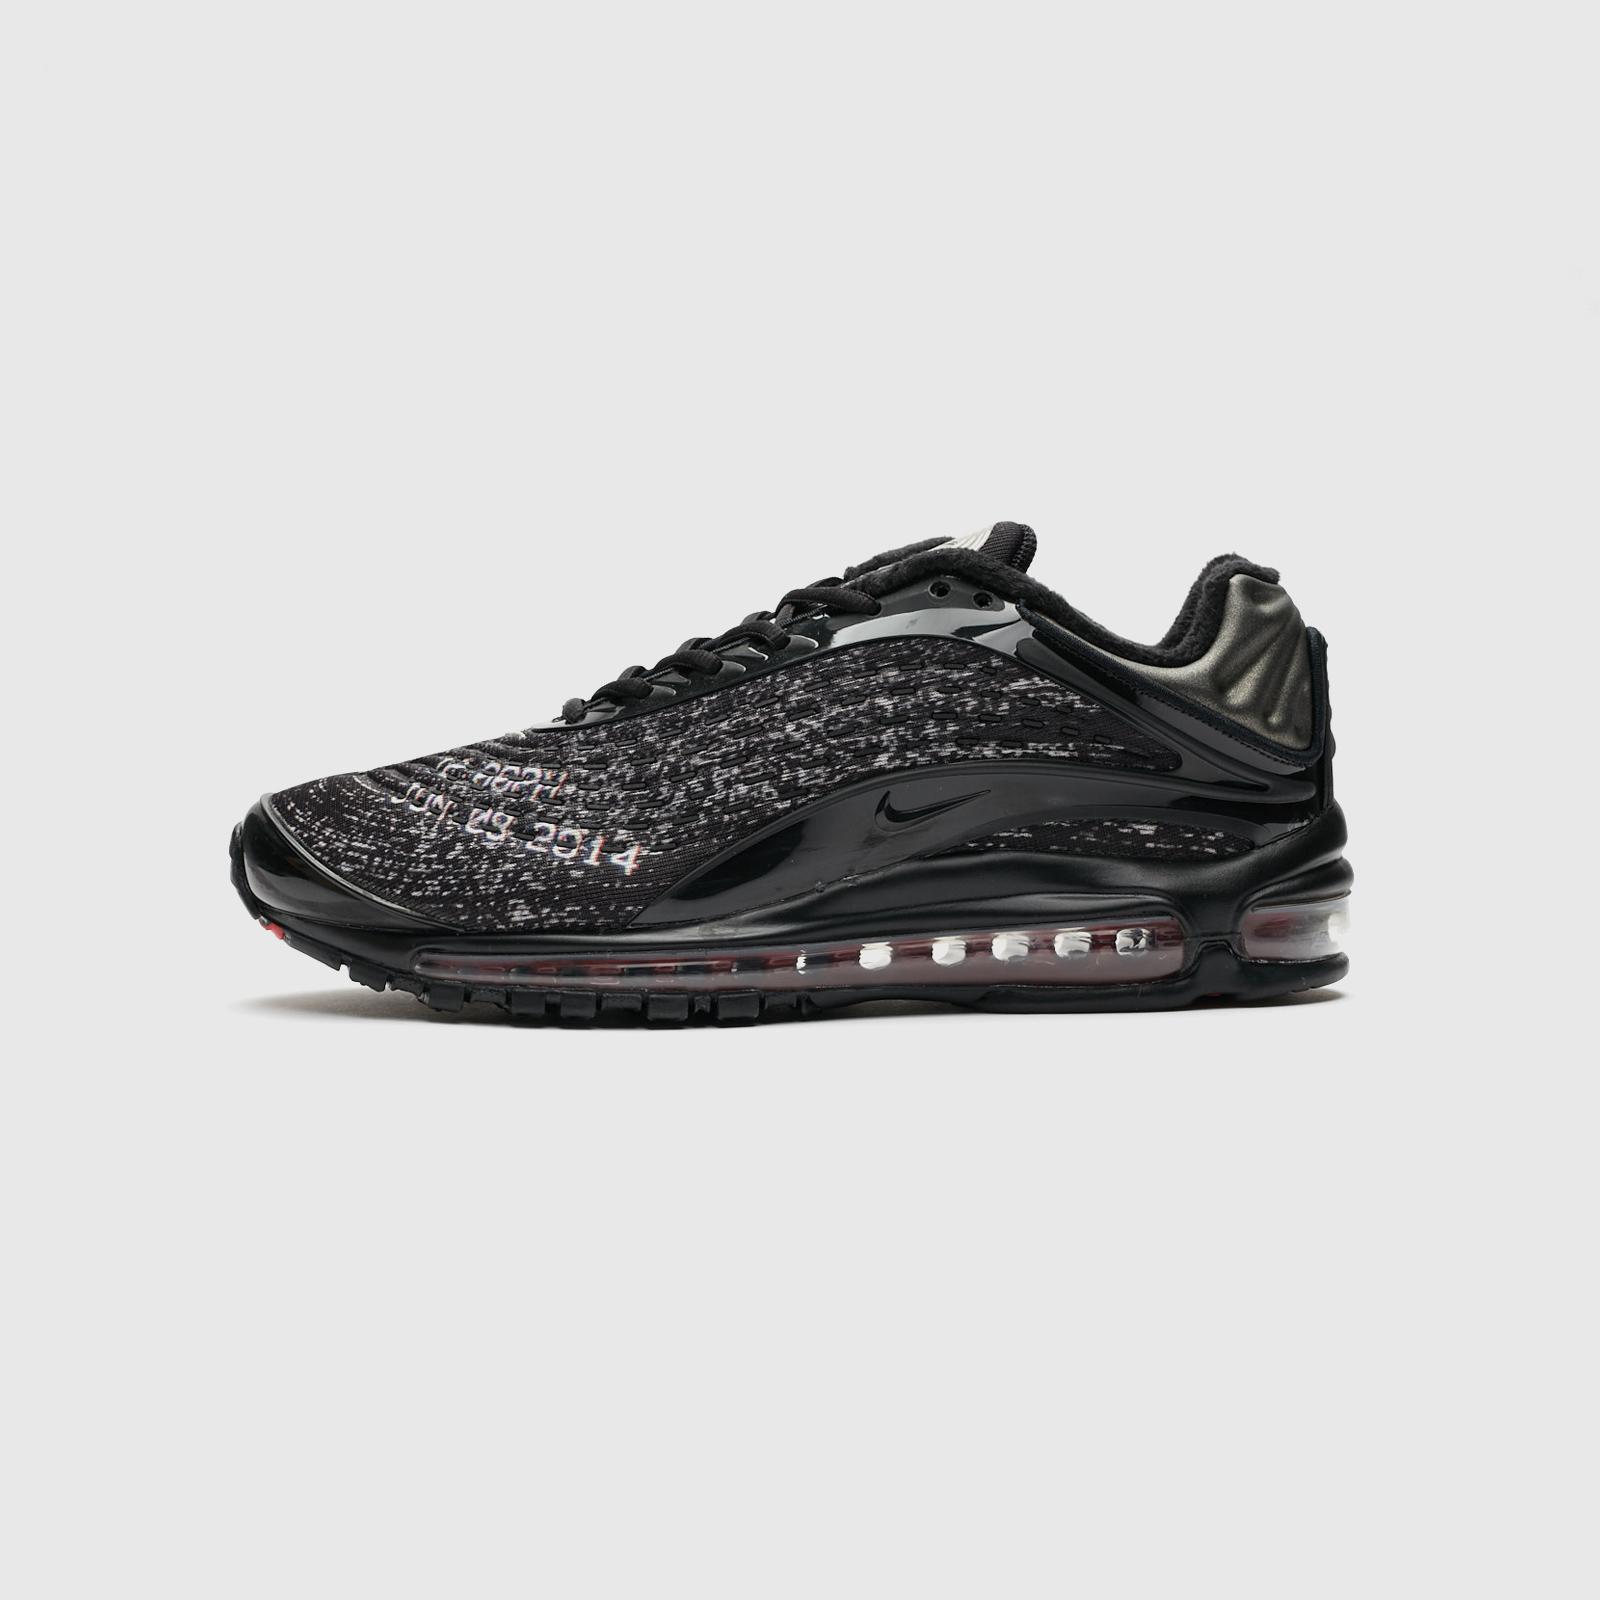 1b5b8edfda Nike Air Max Deluxe / SKEPTA - Aq9945-001 - Sneakersnstuff | sneakers &  streetwear online since 1999